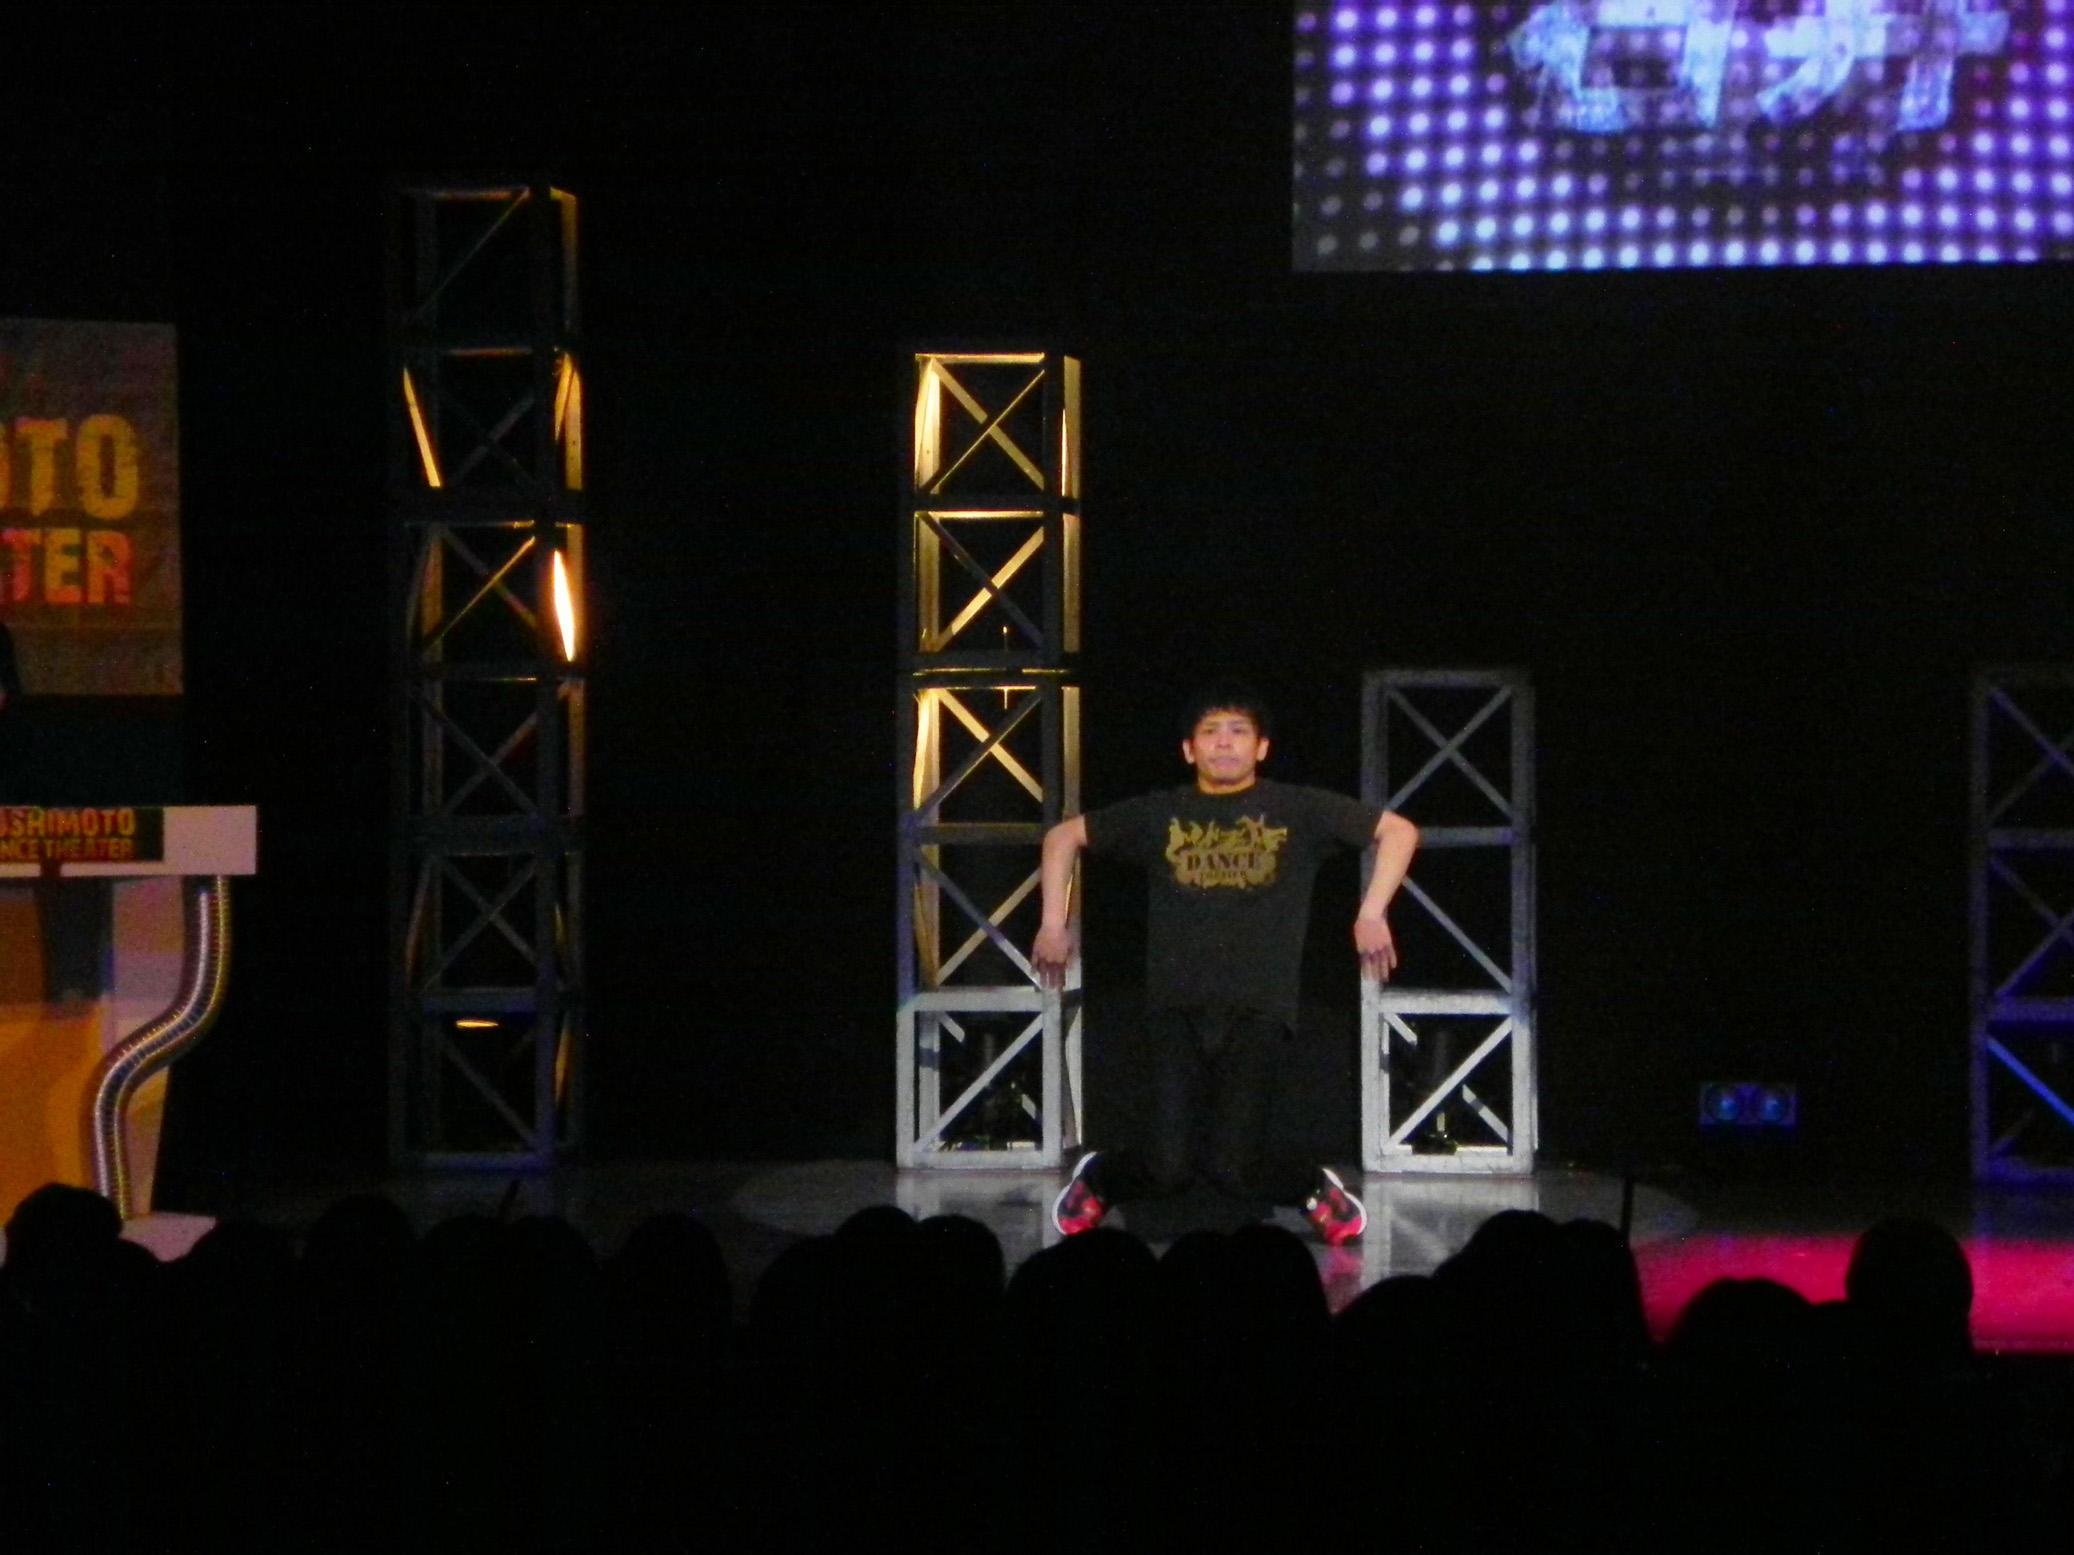 http://news.yoshimoto.co.jp/20170507154156-8f48c91f11ef9b3c1053e229114c5e3de2559936.jpg